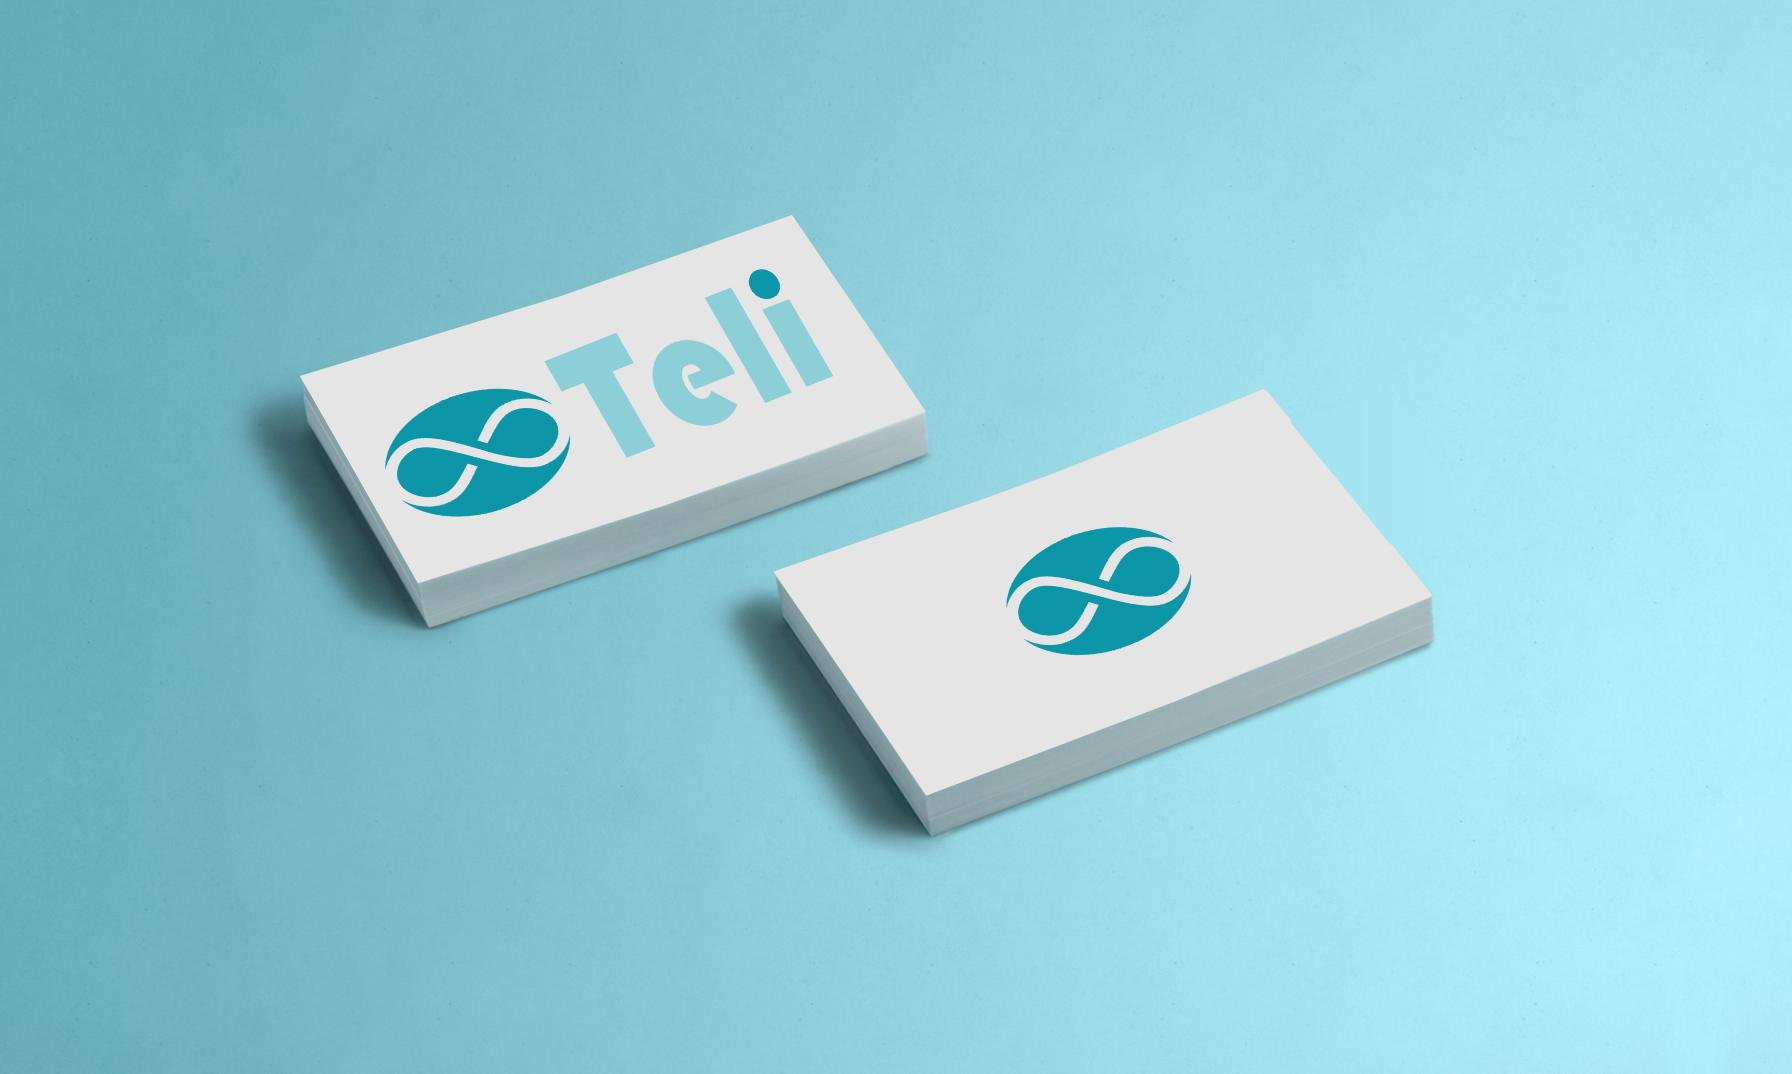 Разработка логотипа и фирменного стиля фото f_56358fbacf2ea599.png